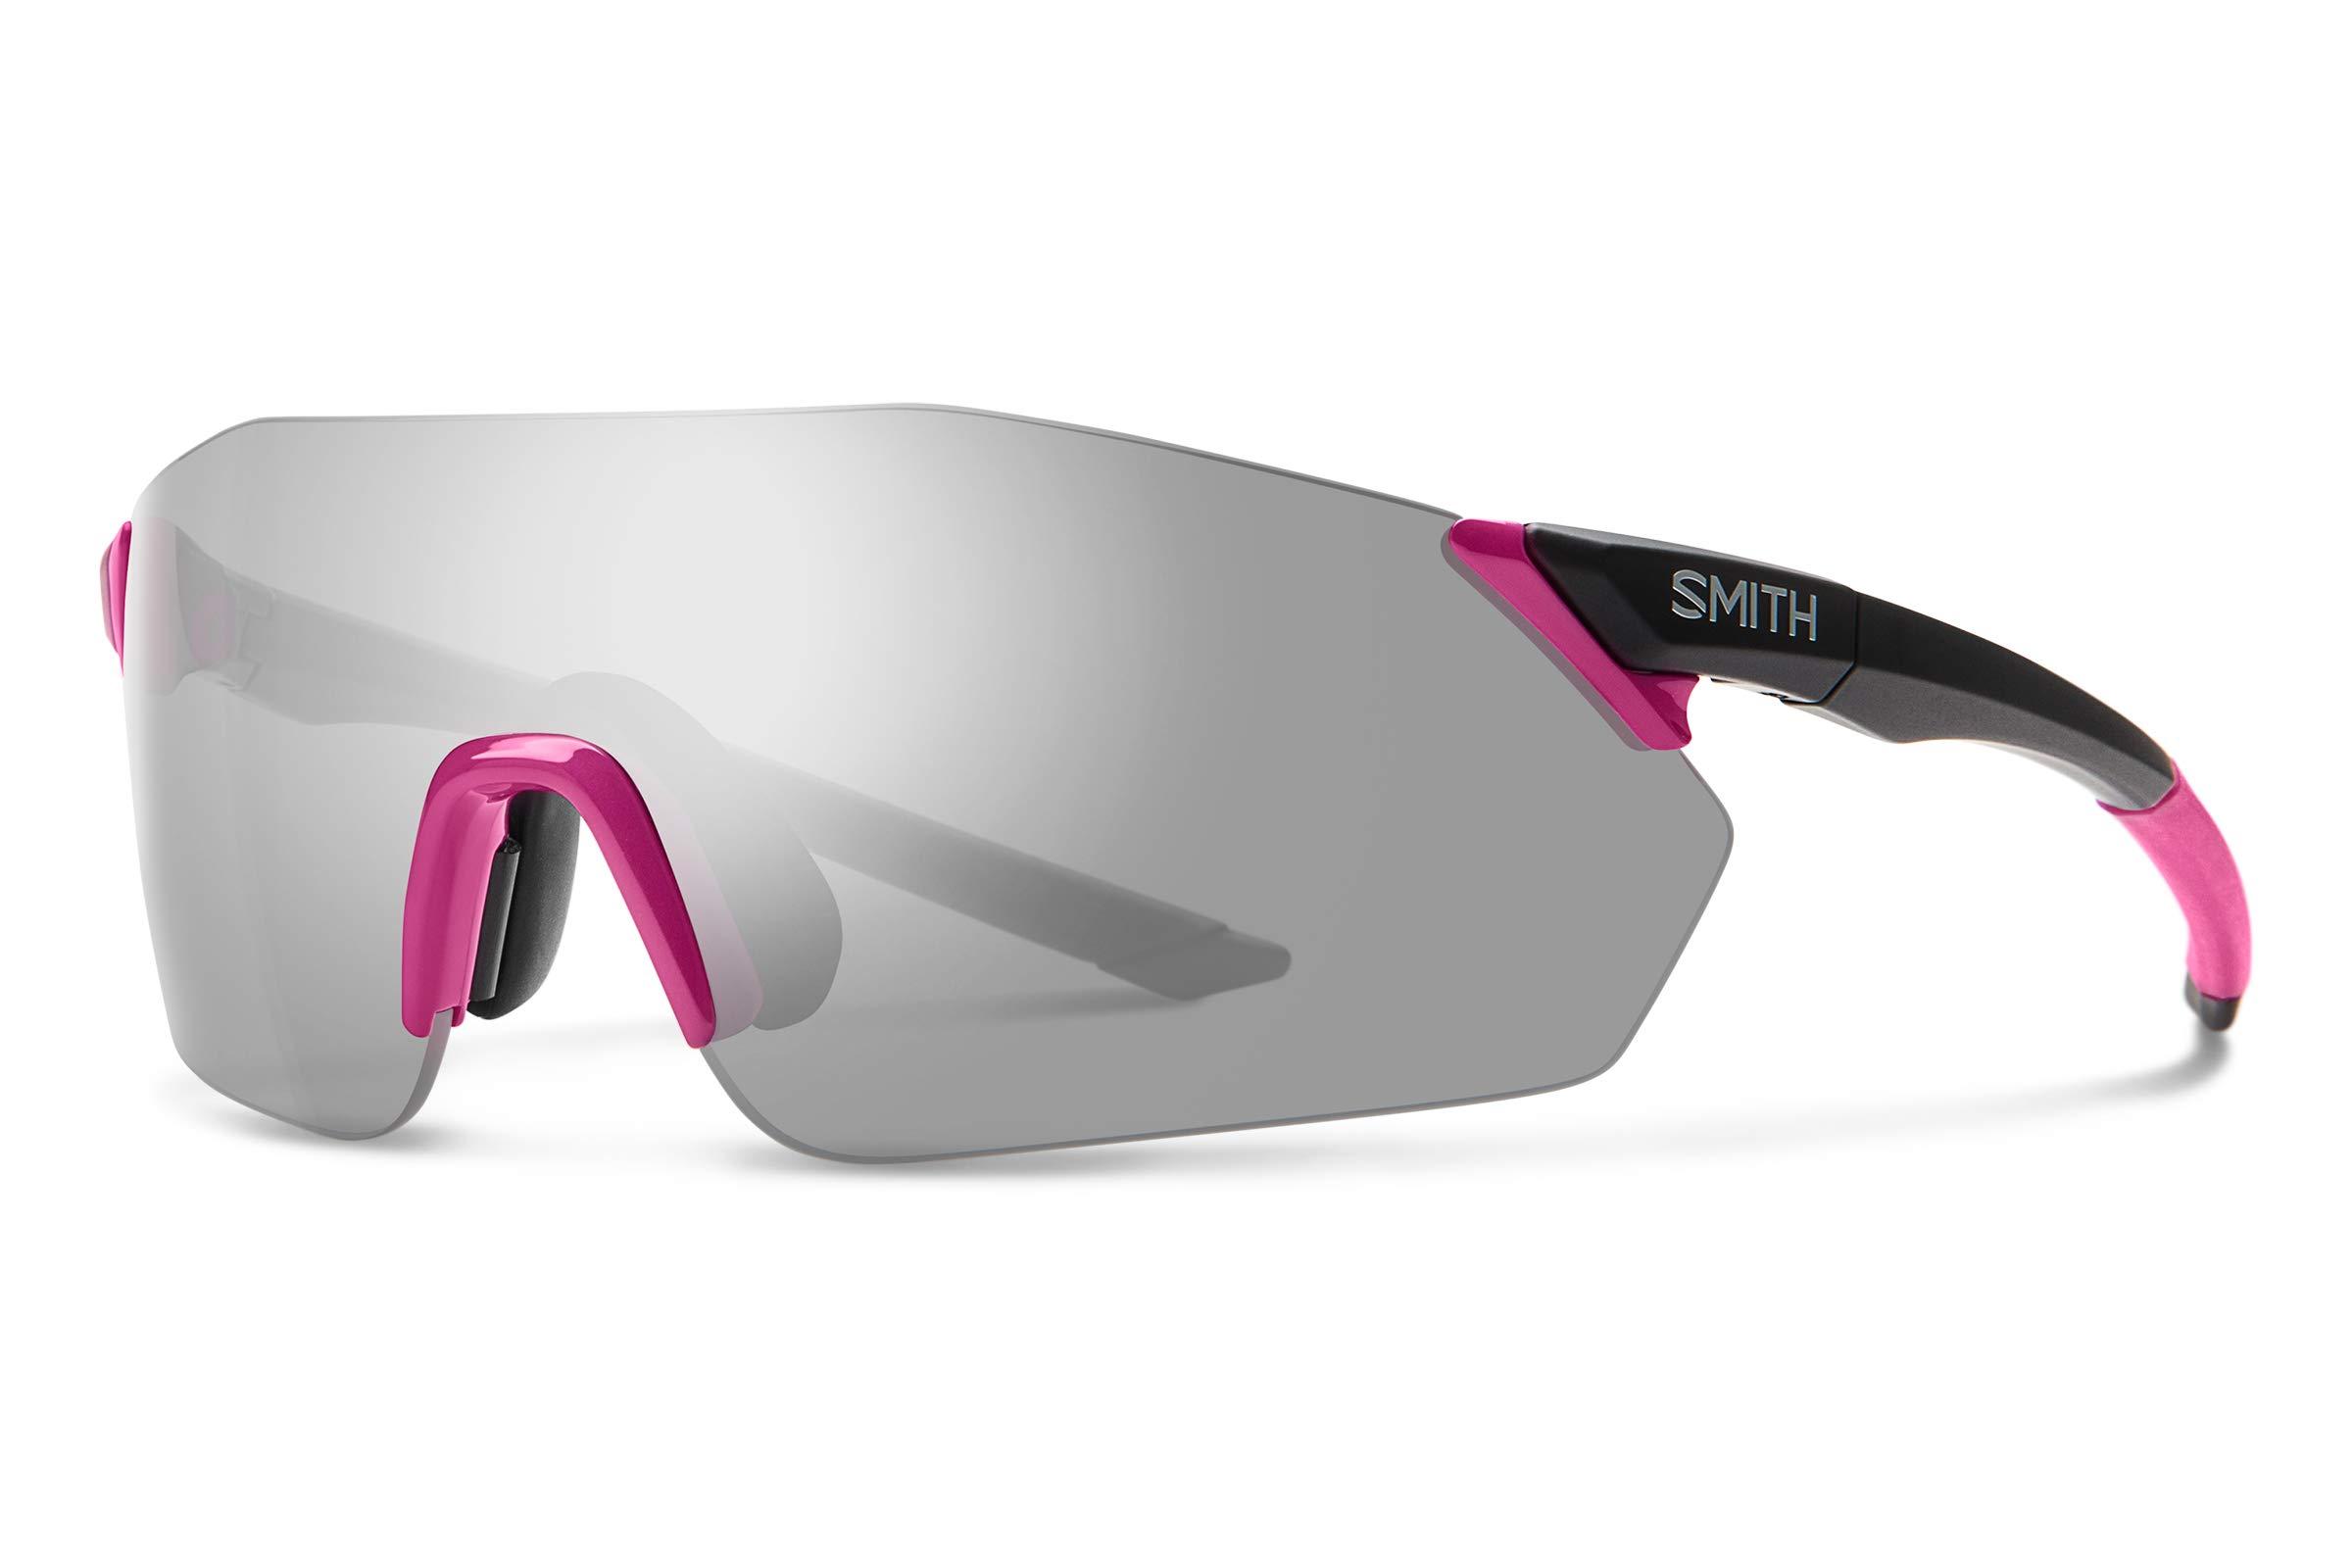 Smith Reverb Chromapop Sunglasses, Berry, Chromapop Platinum/Contrast Rose